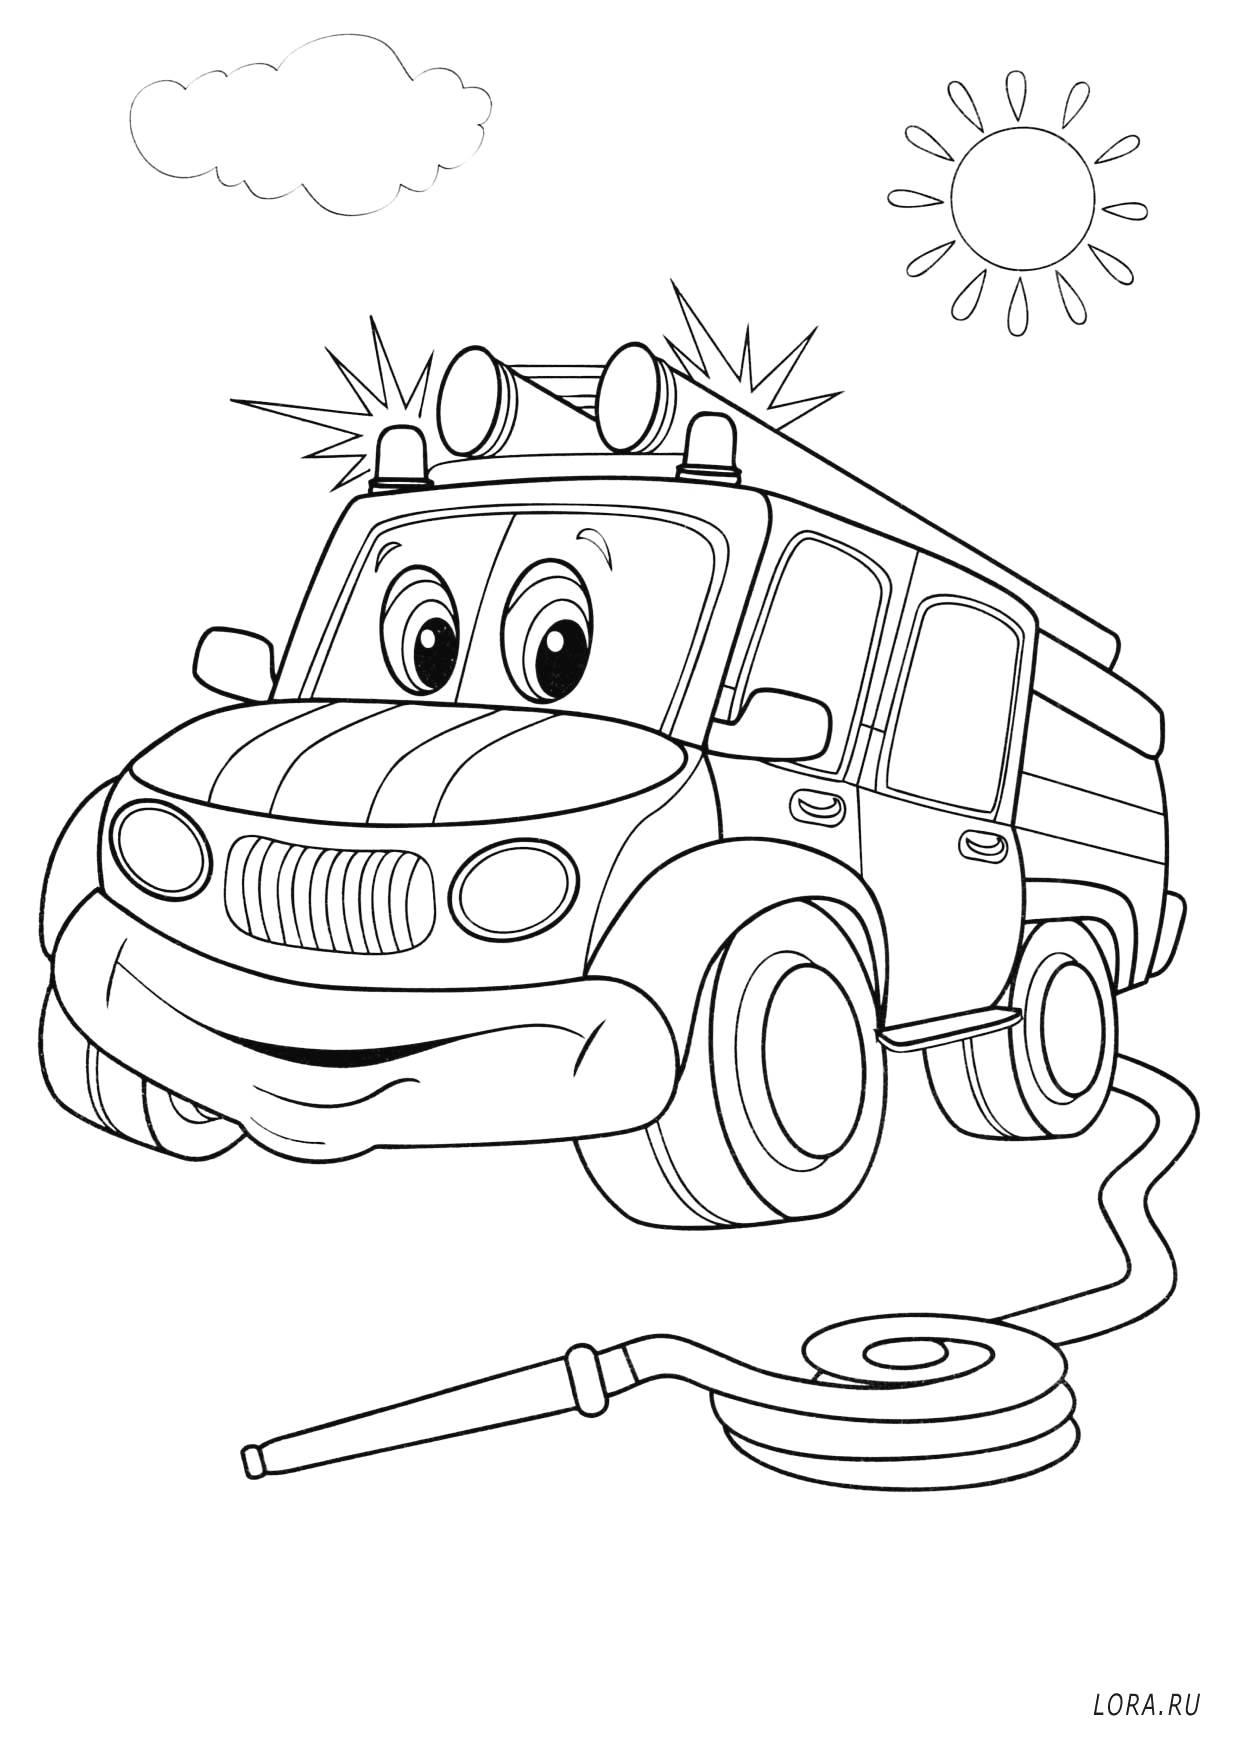 Пожарная машина | Раскраска для детей